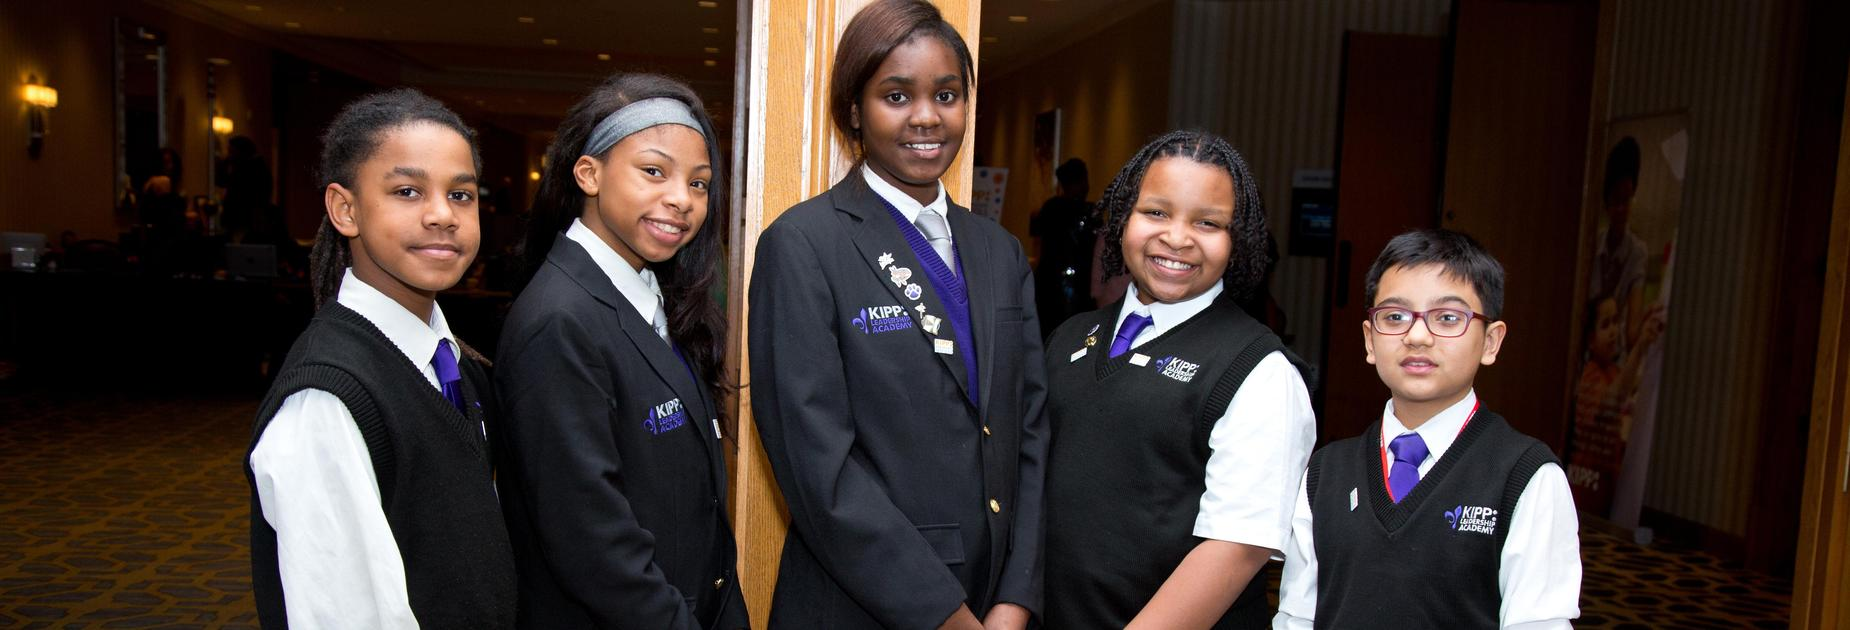 5 KLA students posing together